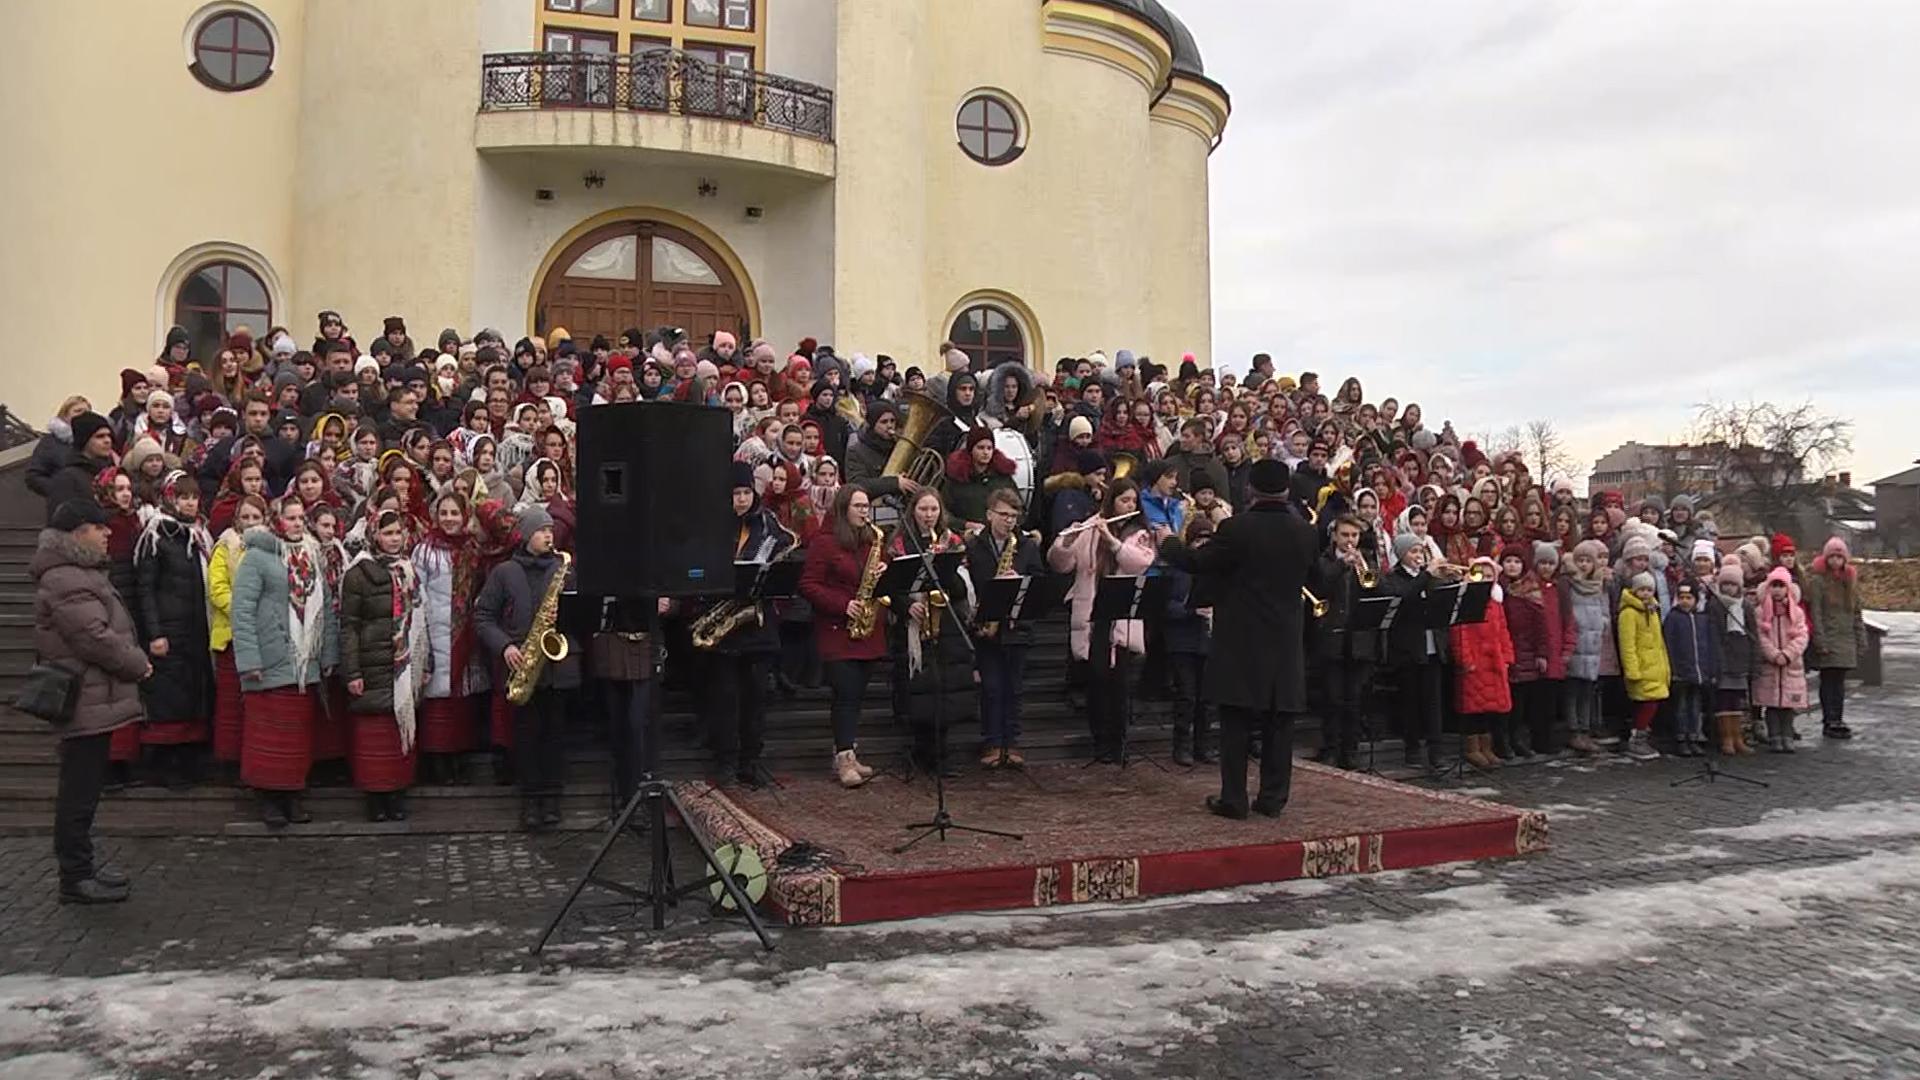 Картинки по запросу Майже 250 школярів з усіх шкіл Коломиї синхронно заколядували